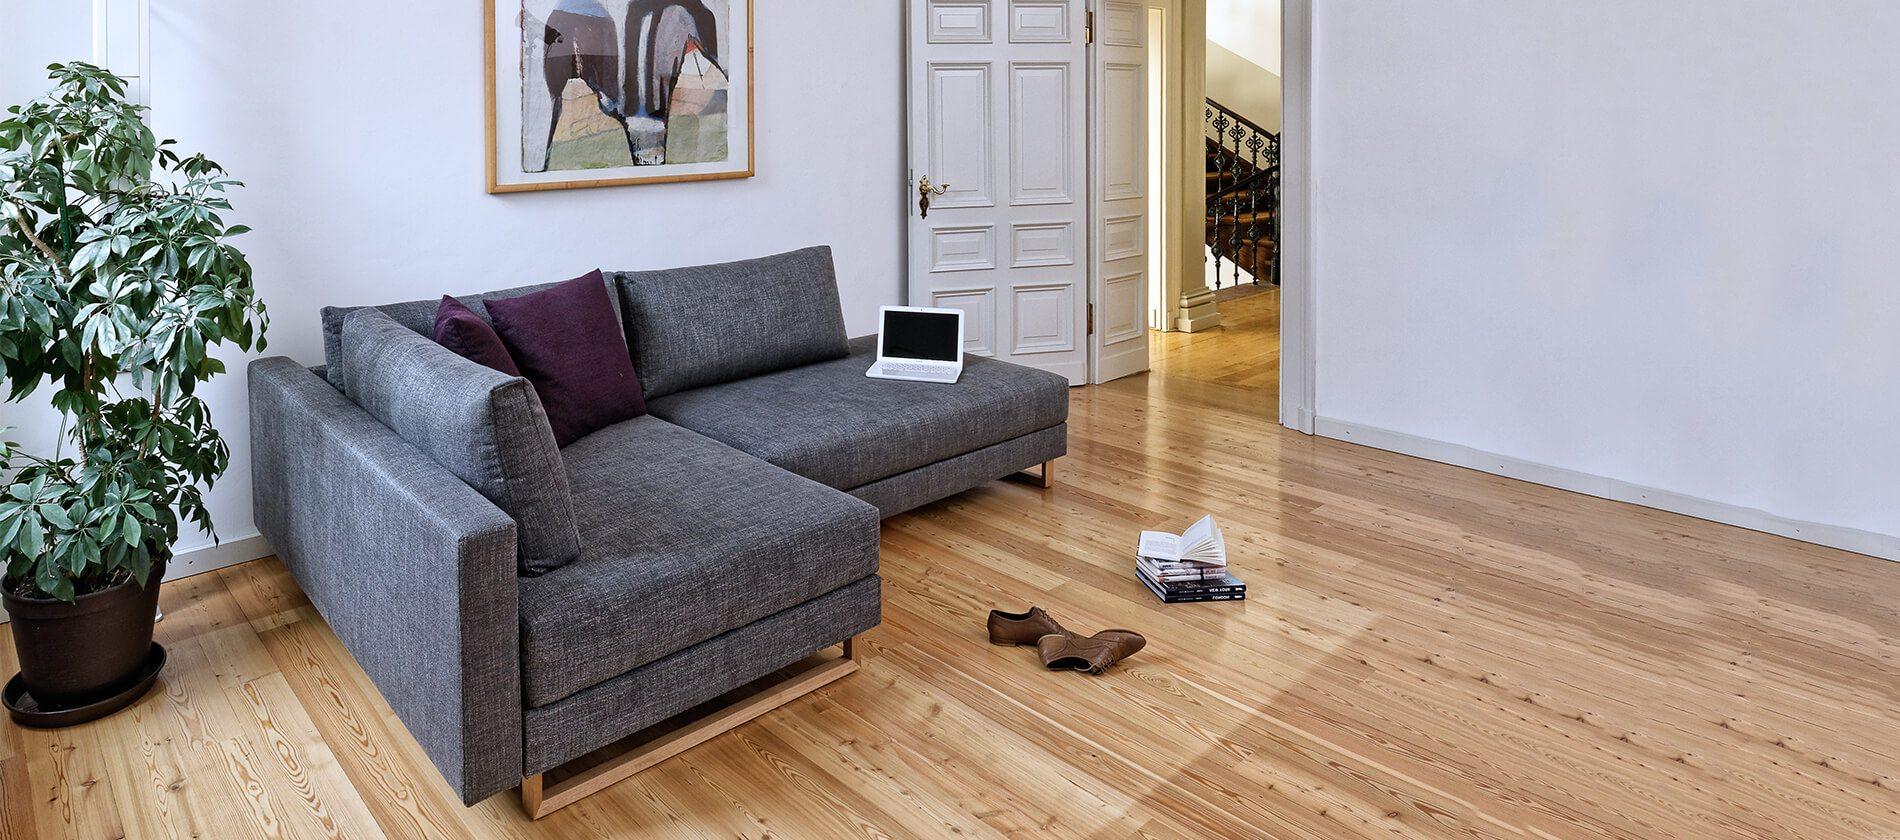 eckgruppe corali von franz fertig drehen wenden schlafen. Black Bedroom Furniture Sets. Home Design Ideas